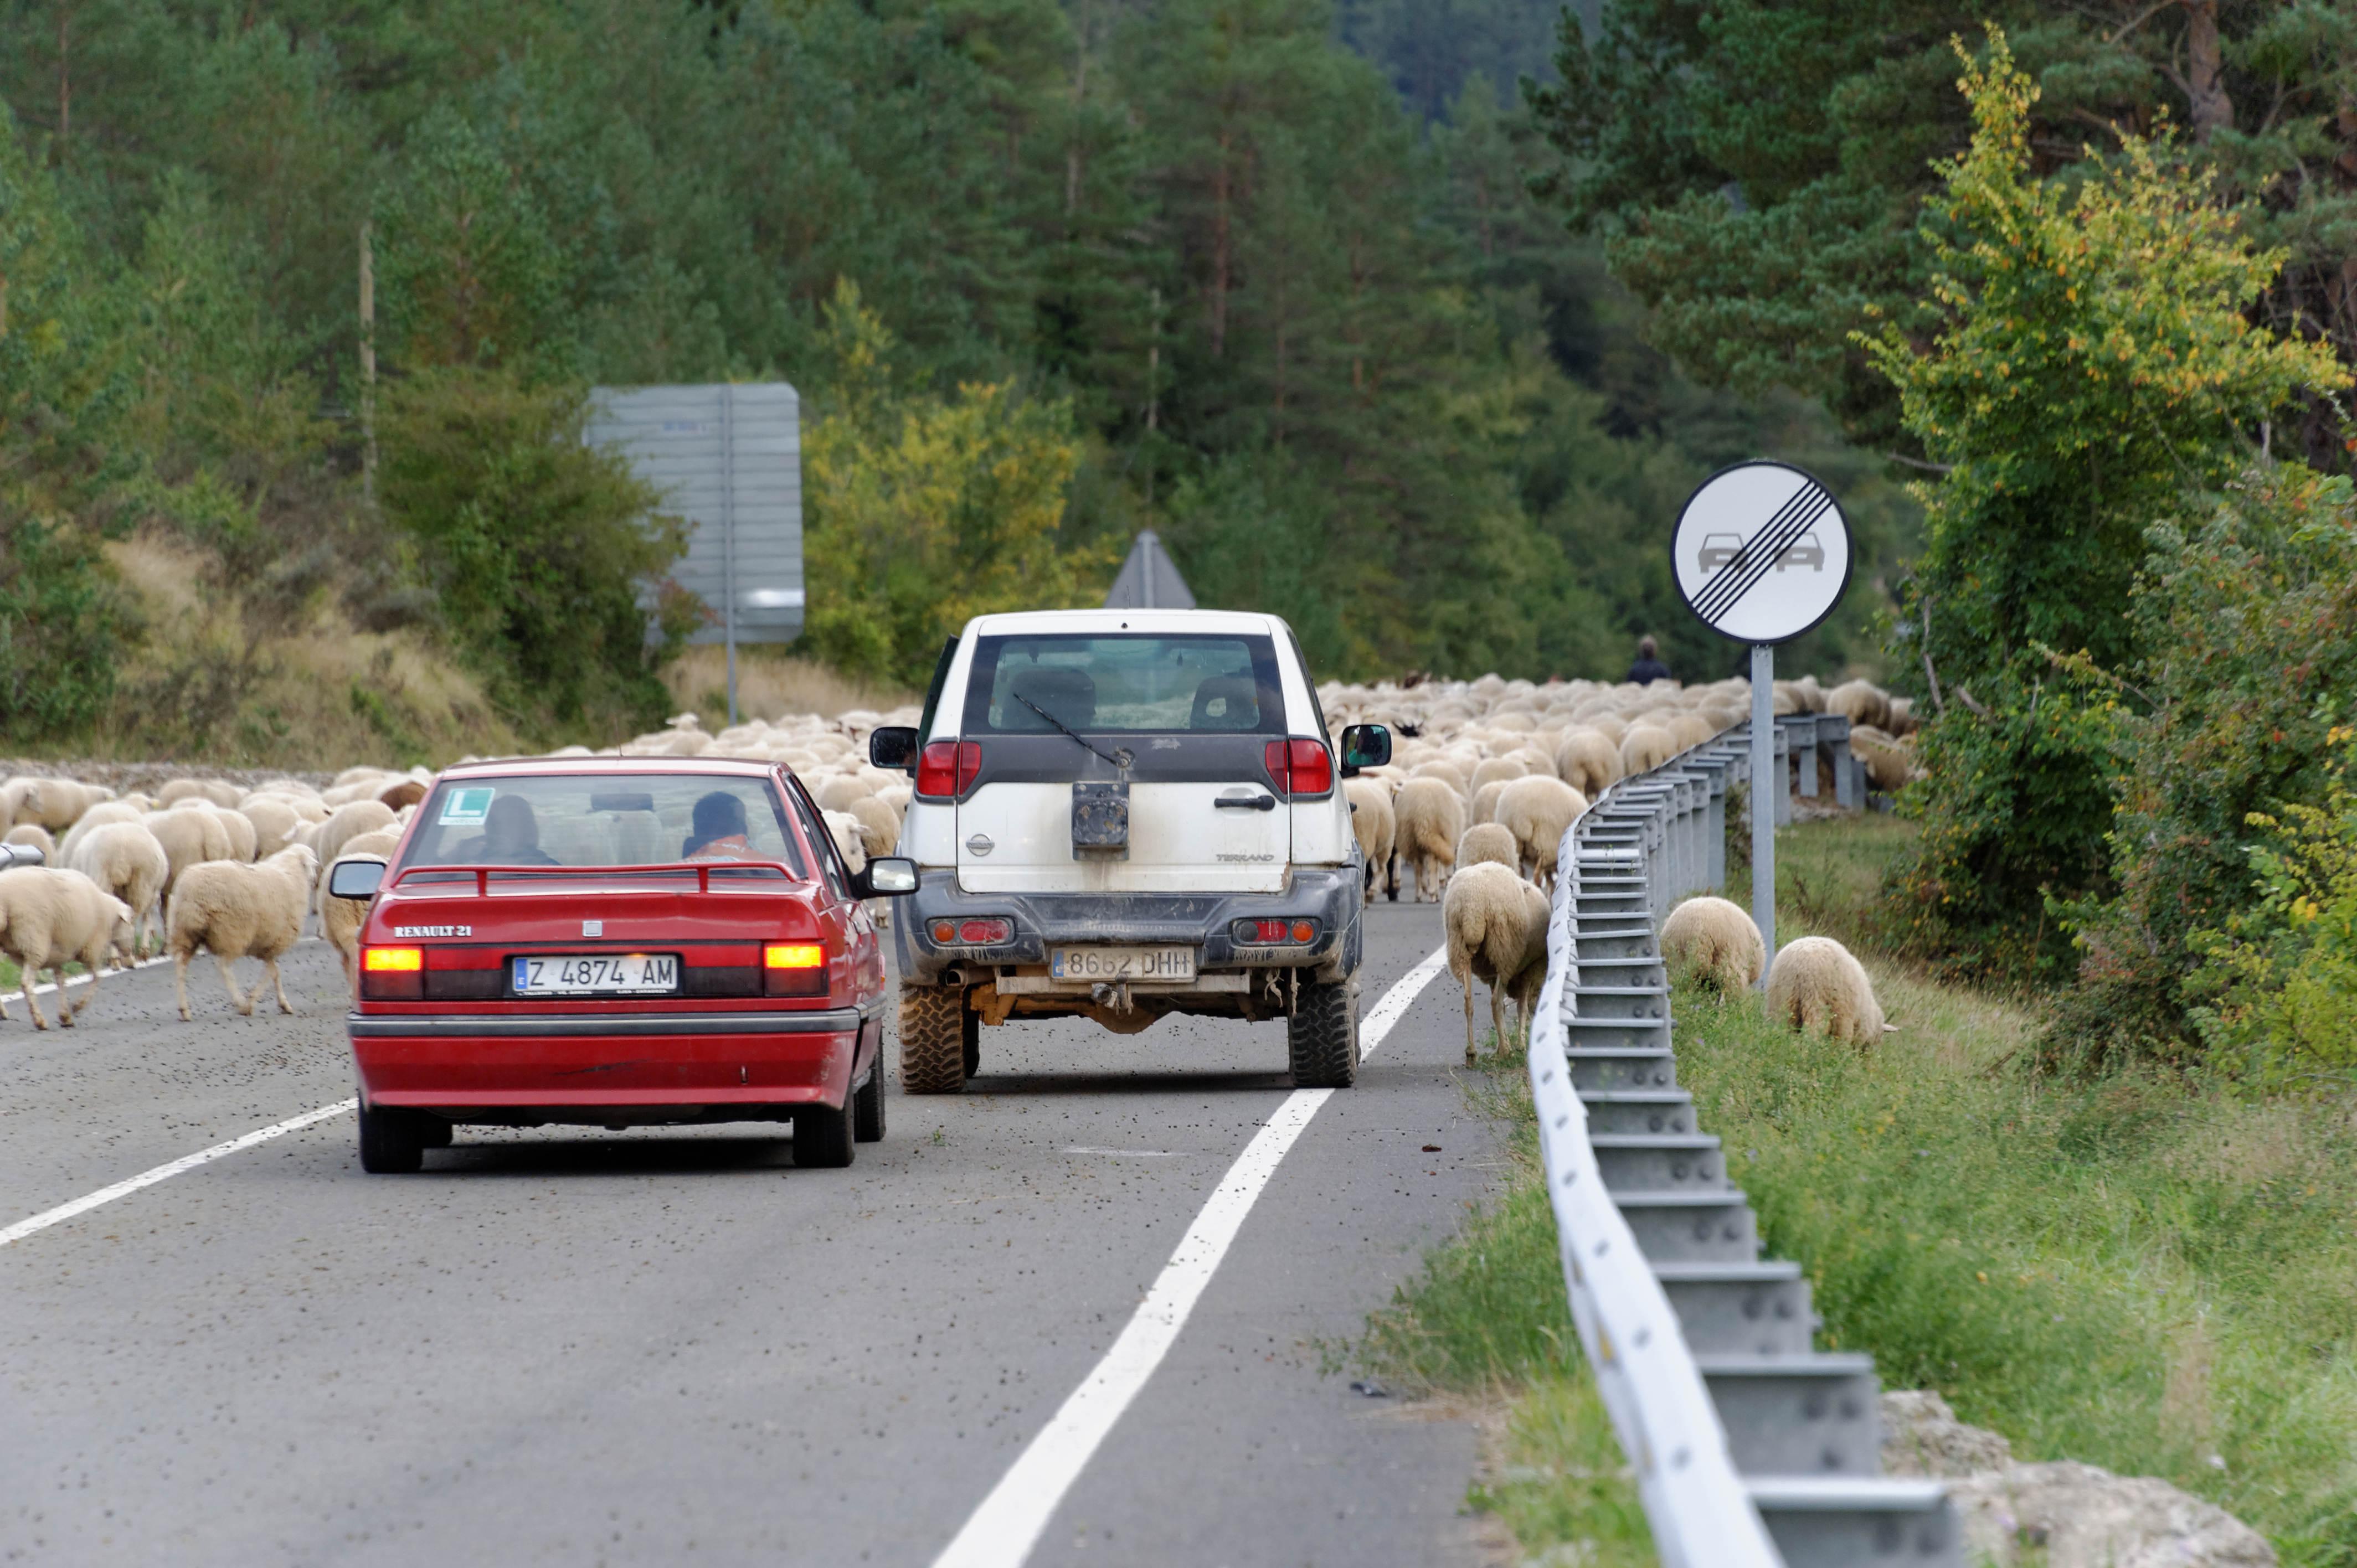 3885_milliers de moutons vers Roncal (Aragon)